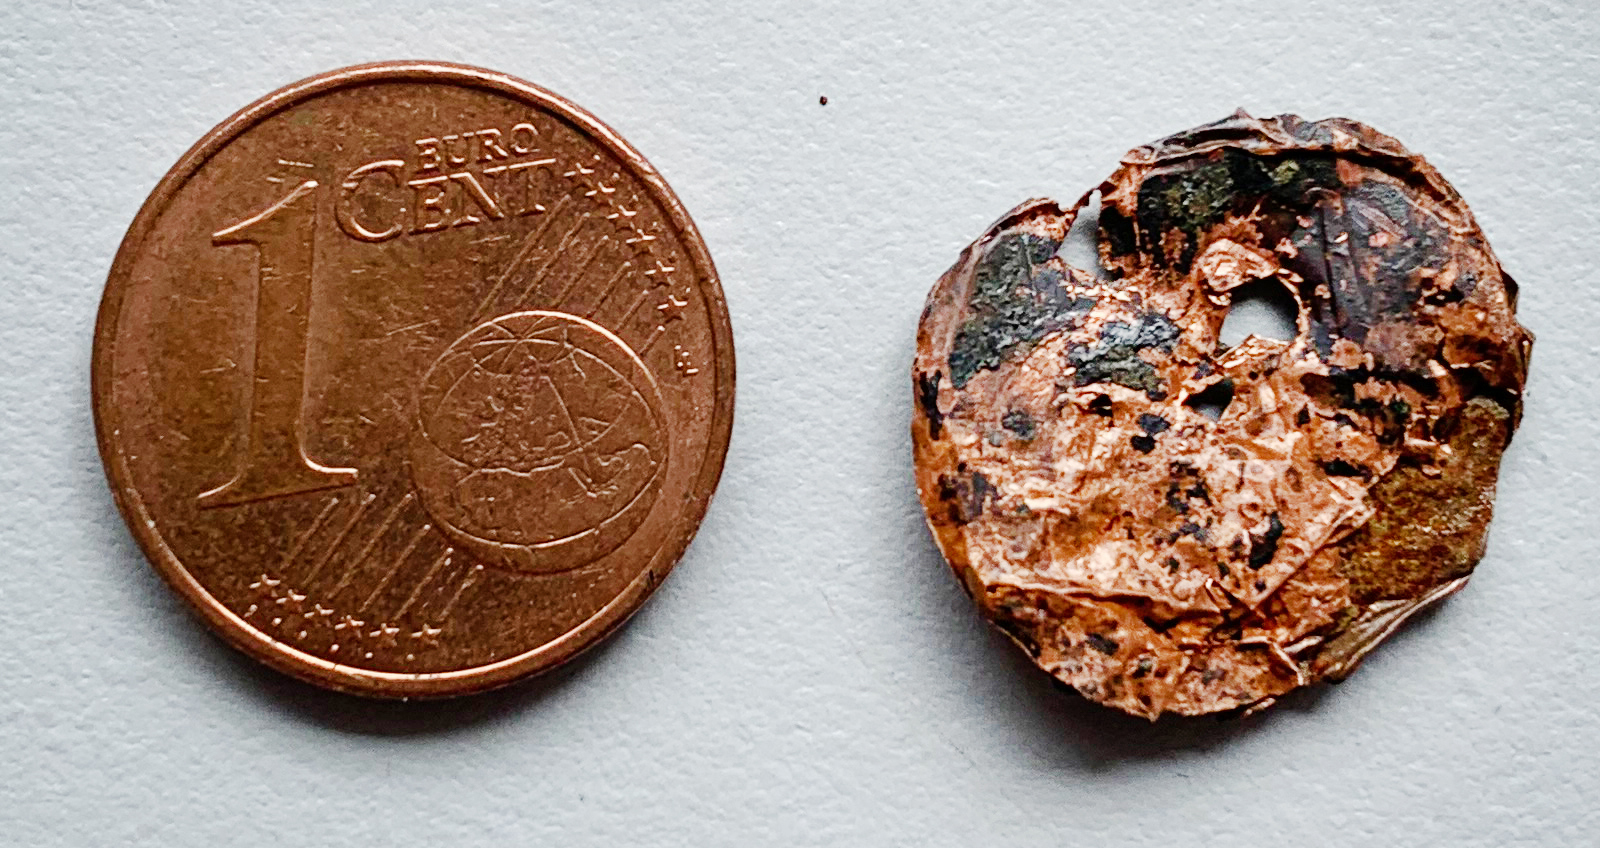 Ärzte entfernten die verschluckte Münze (rechts)aus der Lunge. Das Bild zeigt, wie zersetzt das Geldstück bereits war.